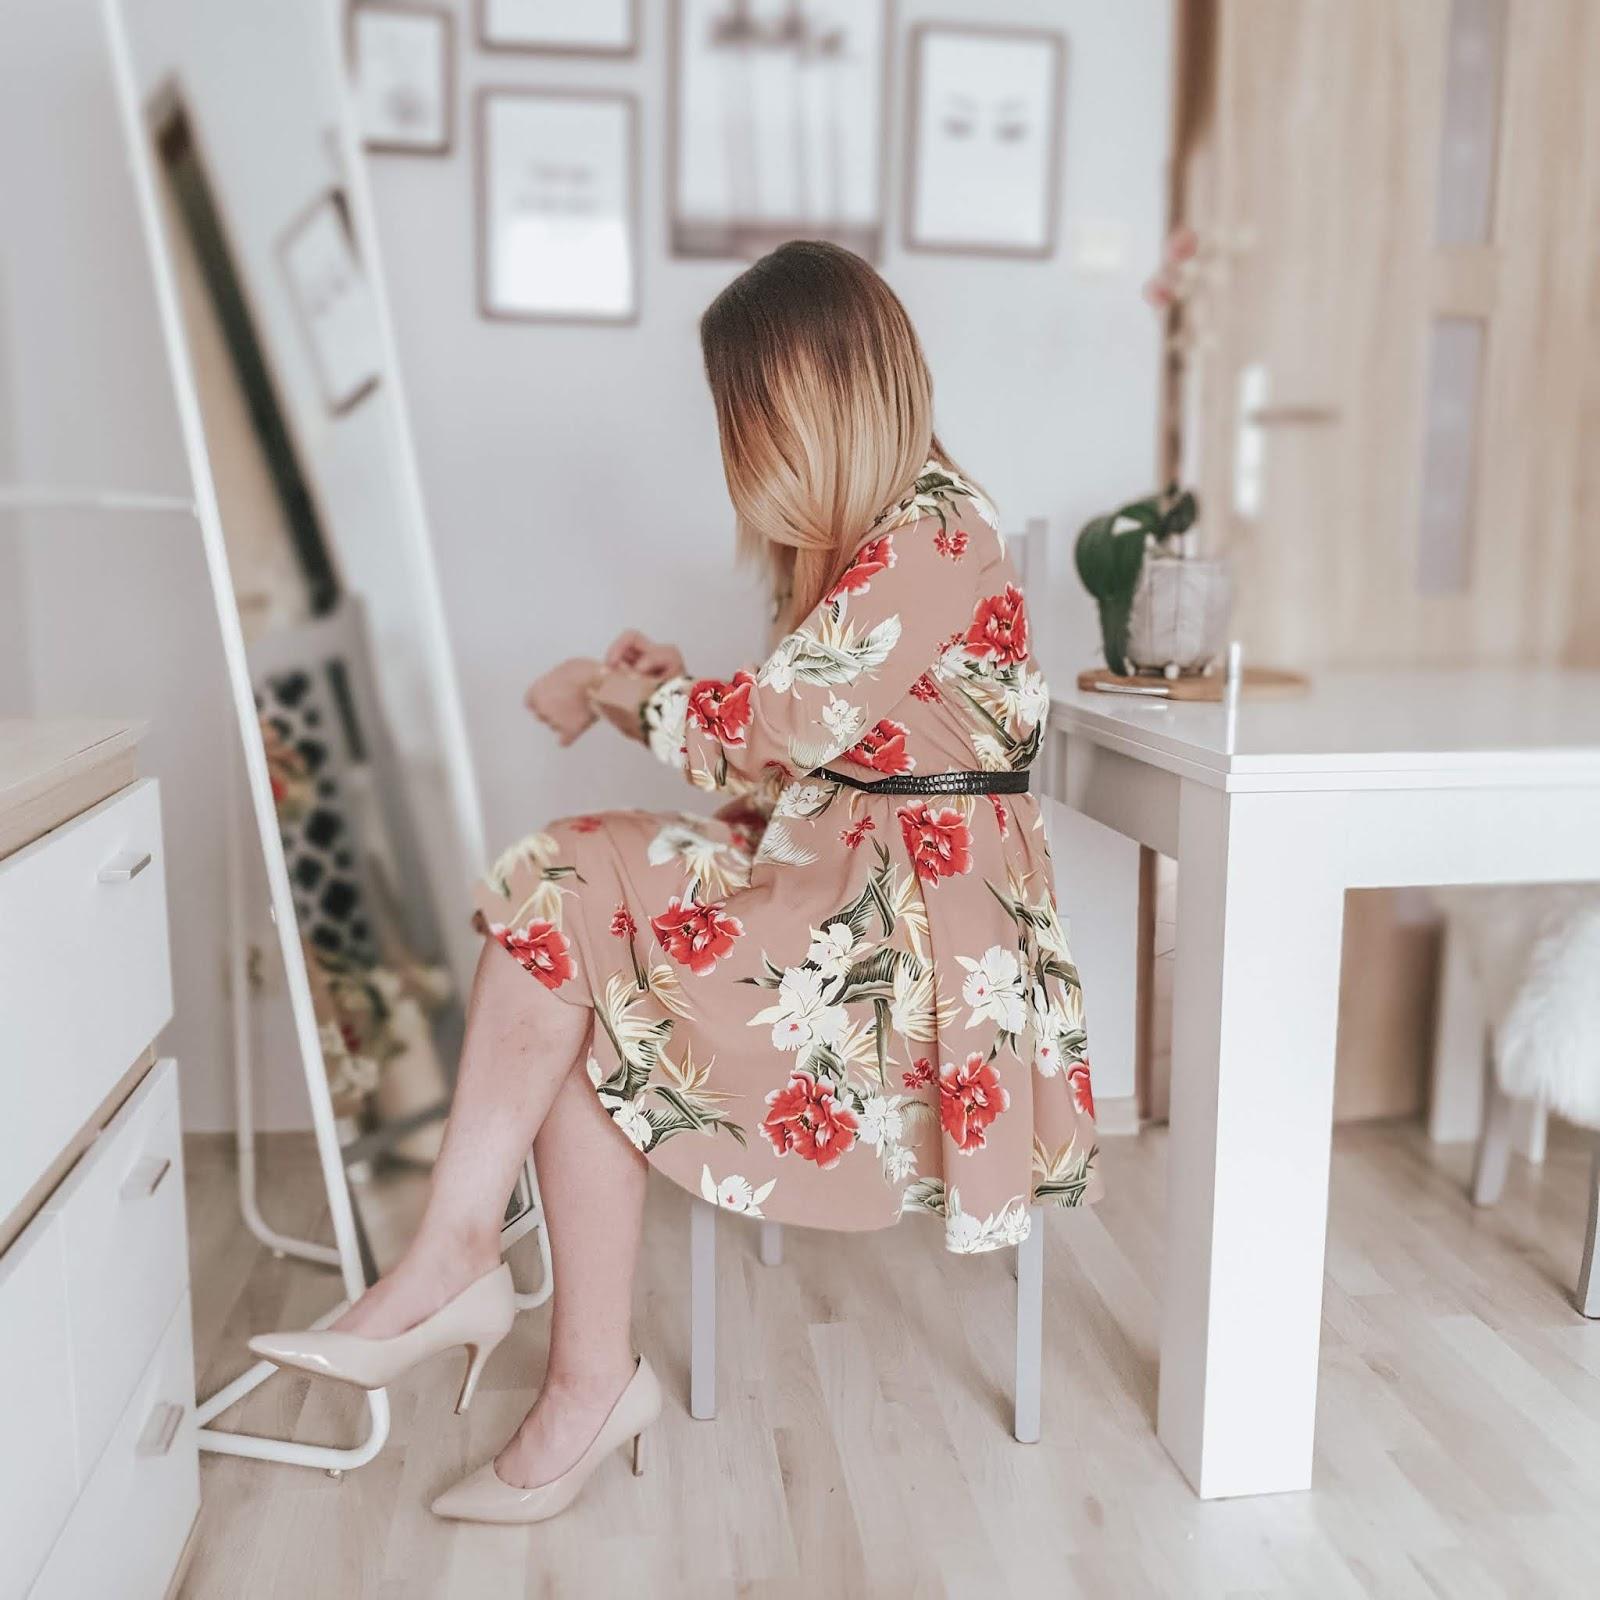 Wiosenna stylizacja - sukienka z kwiatowym printem od Dresslily